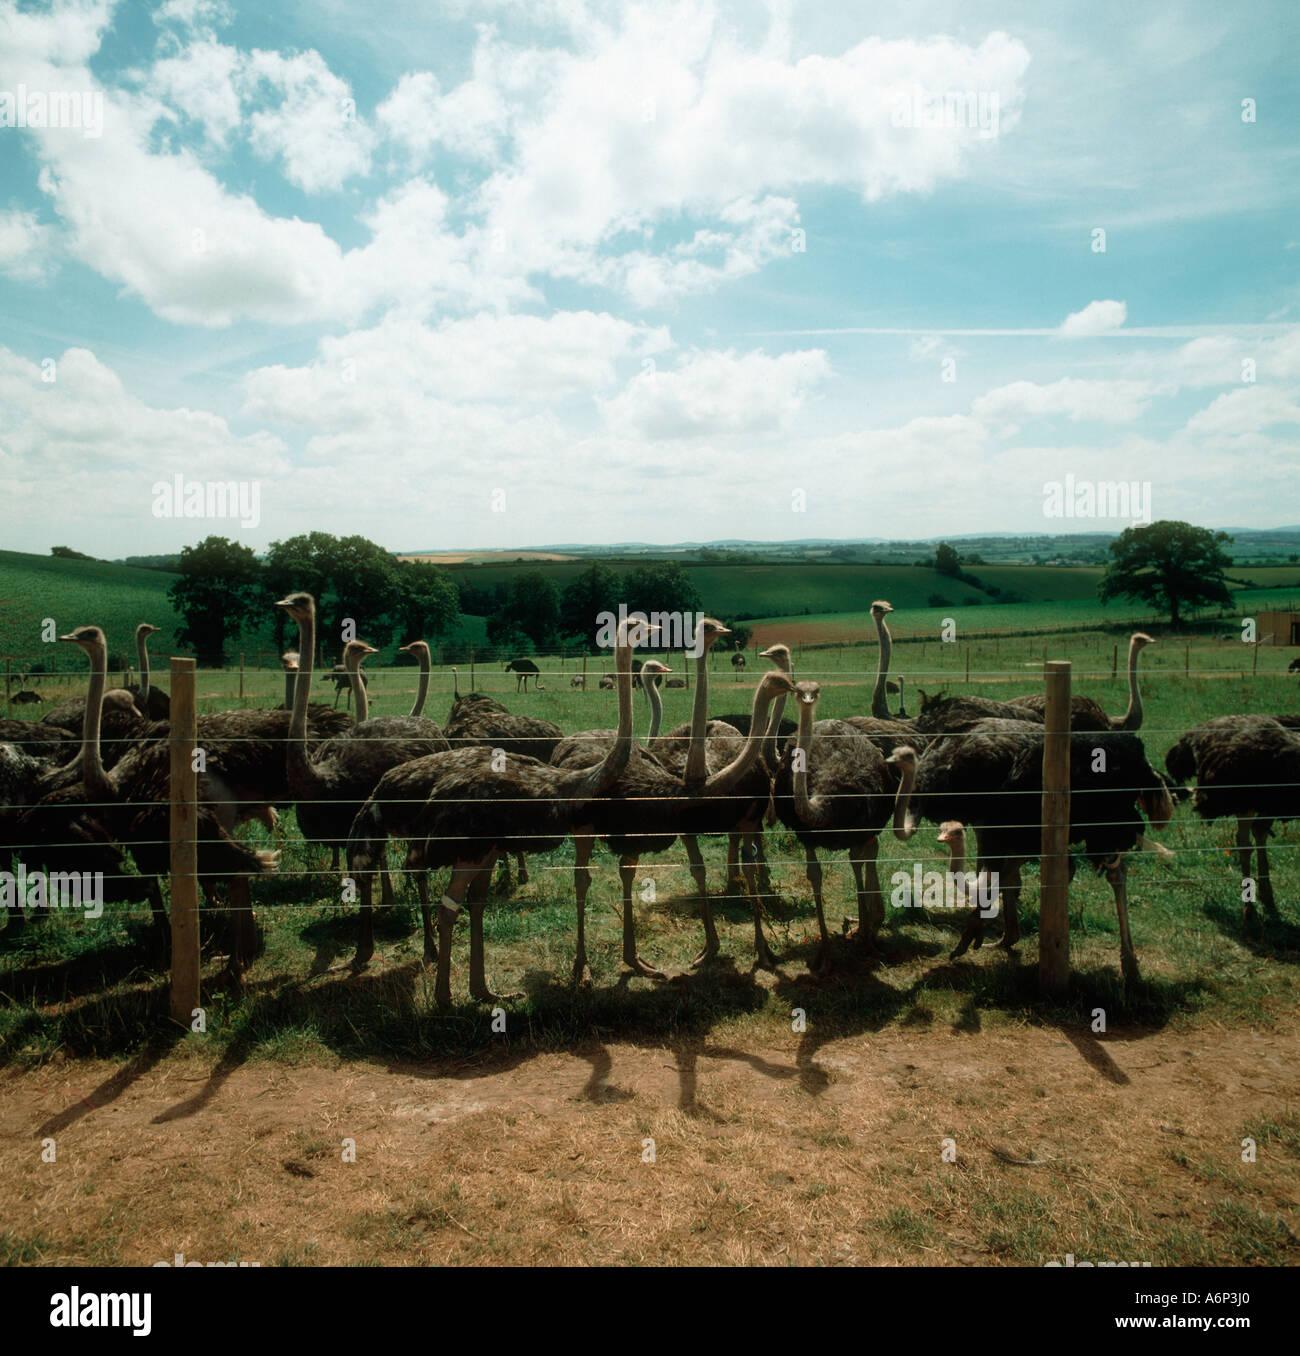 Totale Zäune mehrere Strauße hinter Hochseil auf einem Bauernhof in Devon Stockbild